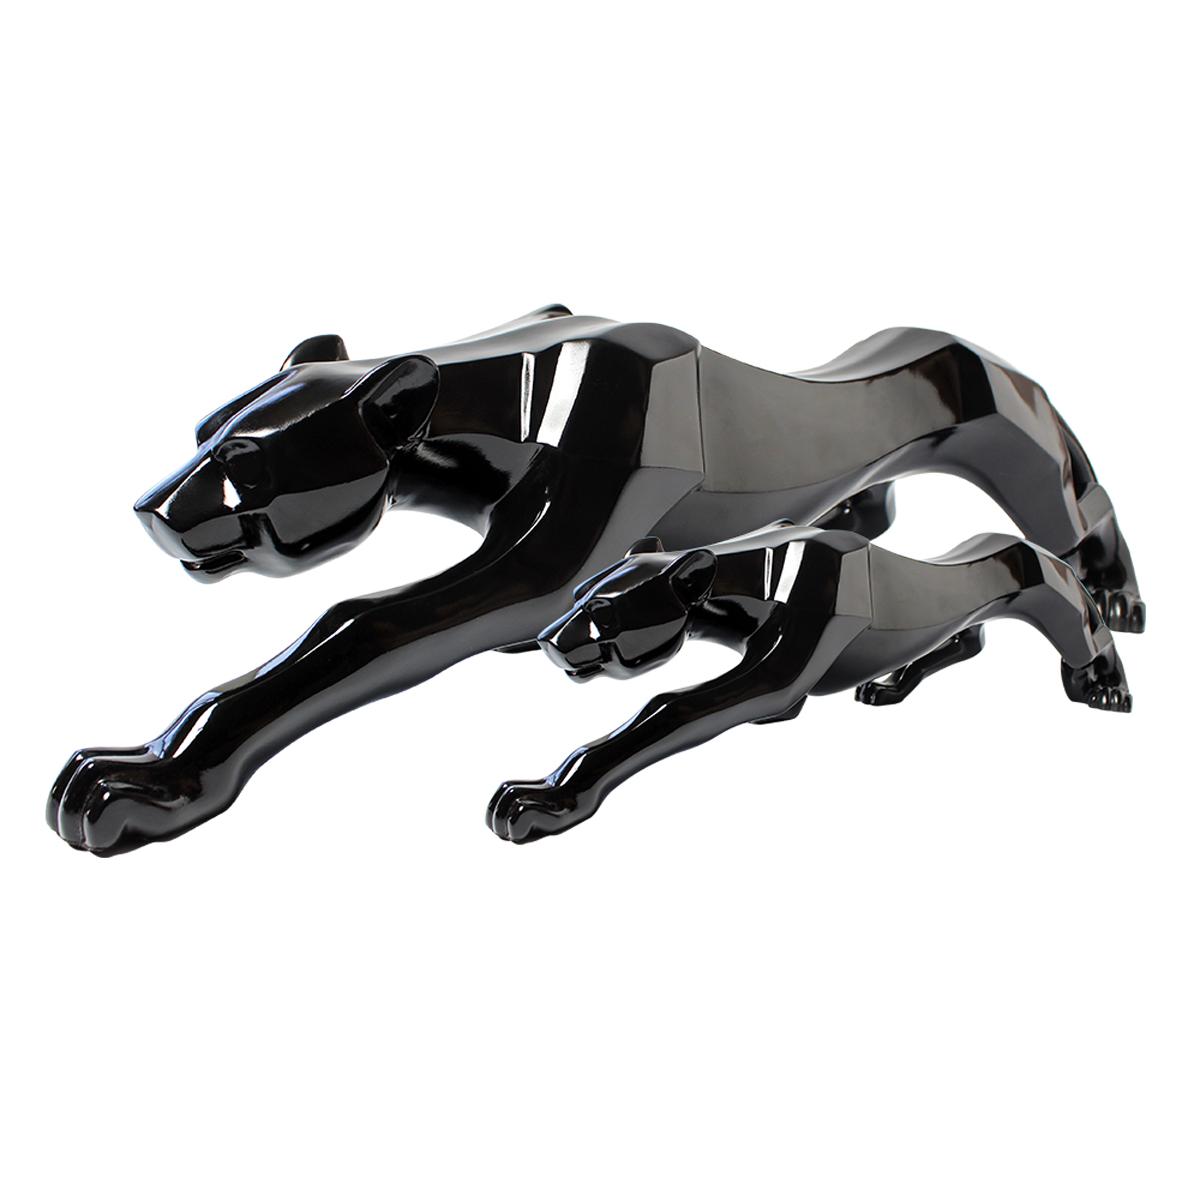 Kit Decor Dual Leopardo De Cerâmica Black Verito